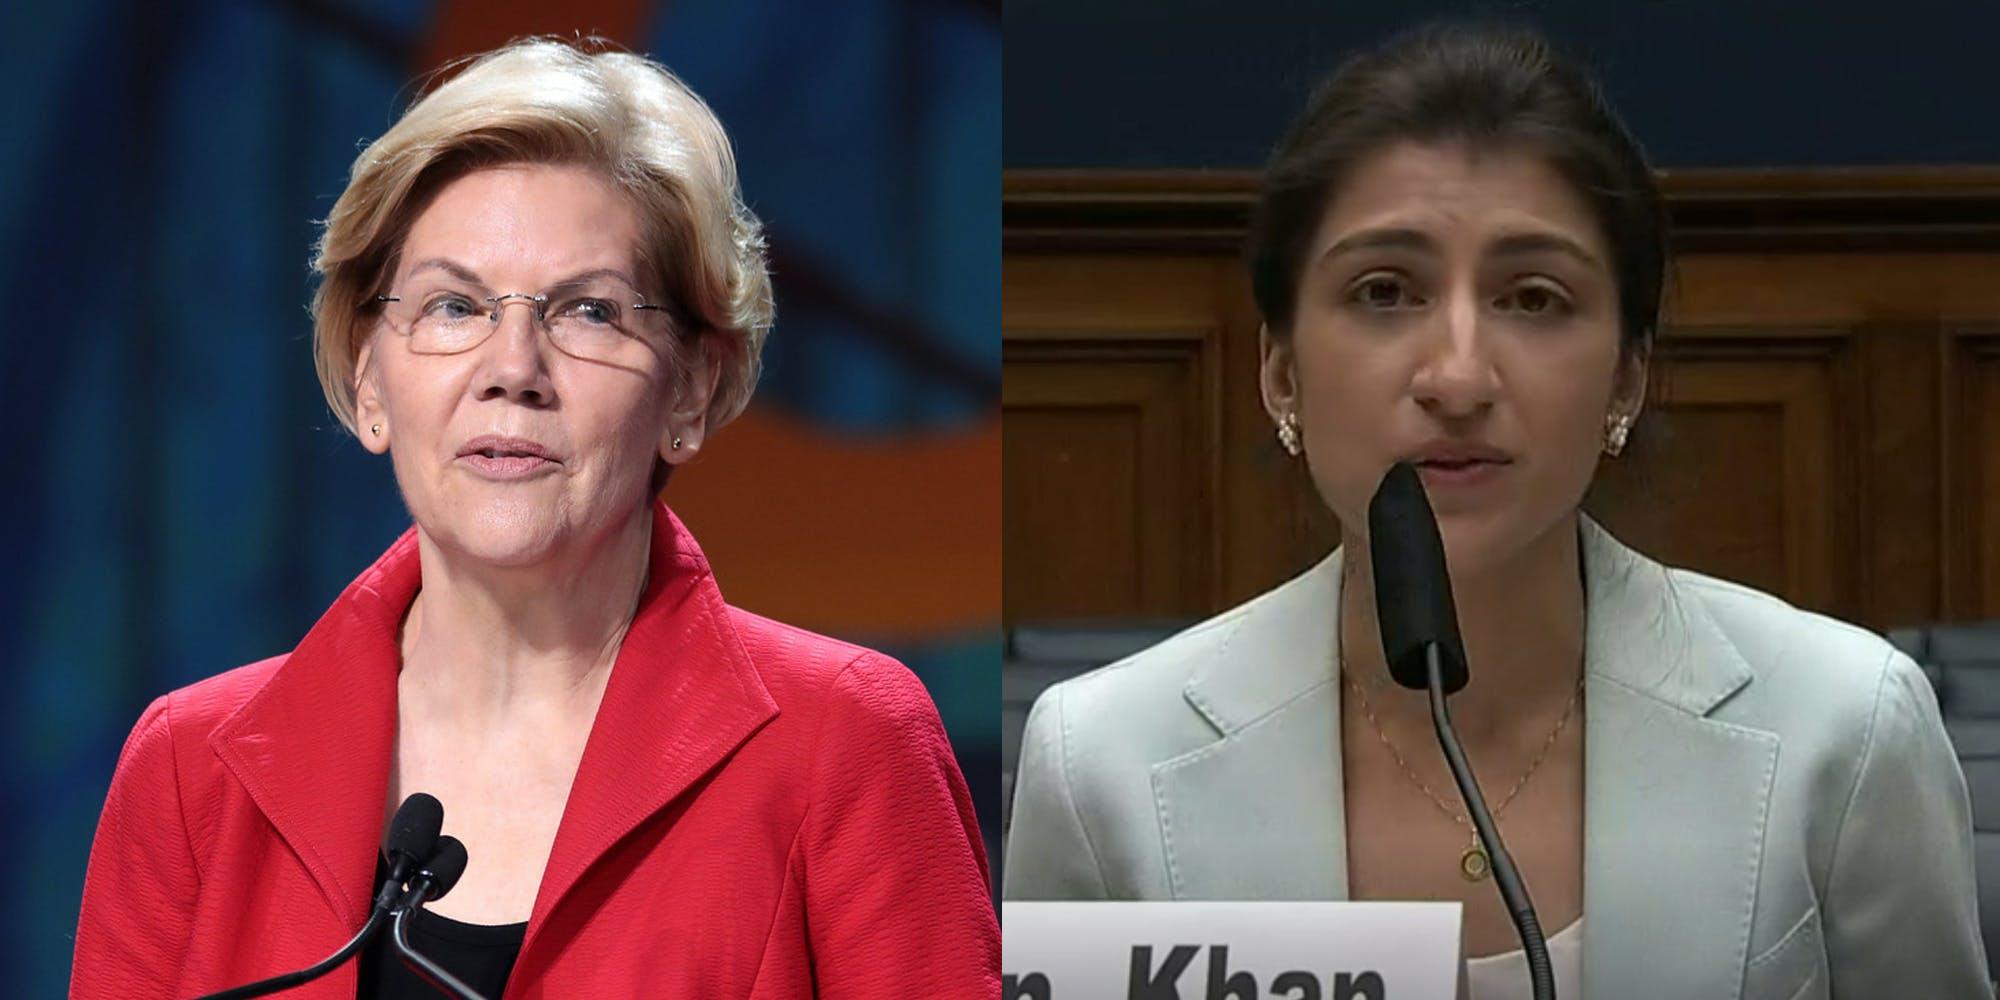 A side by side of Sen. Elizabeth Warren and FTC Chairwoman Lina Khan.